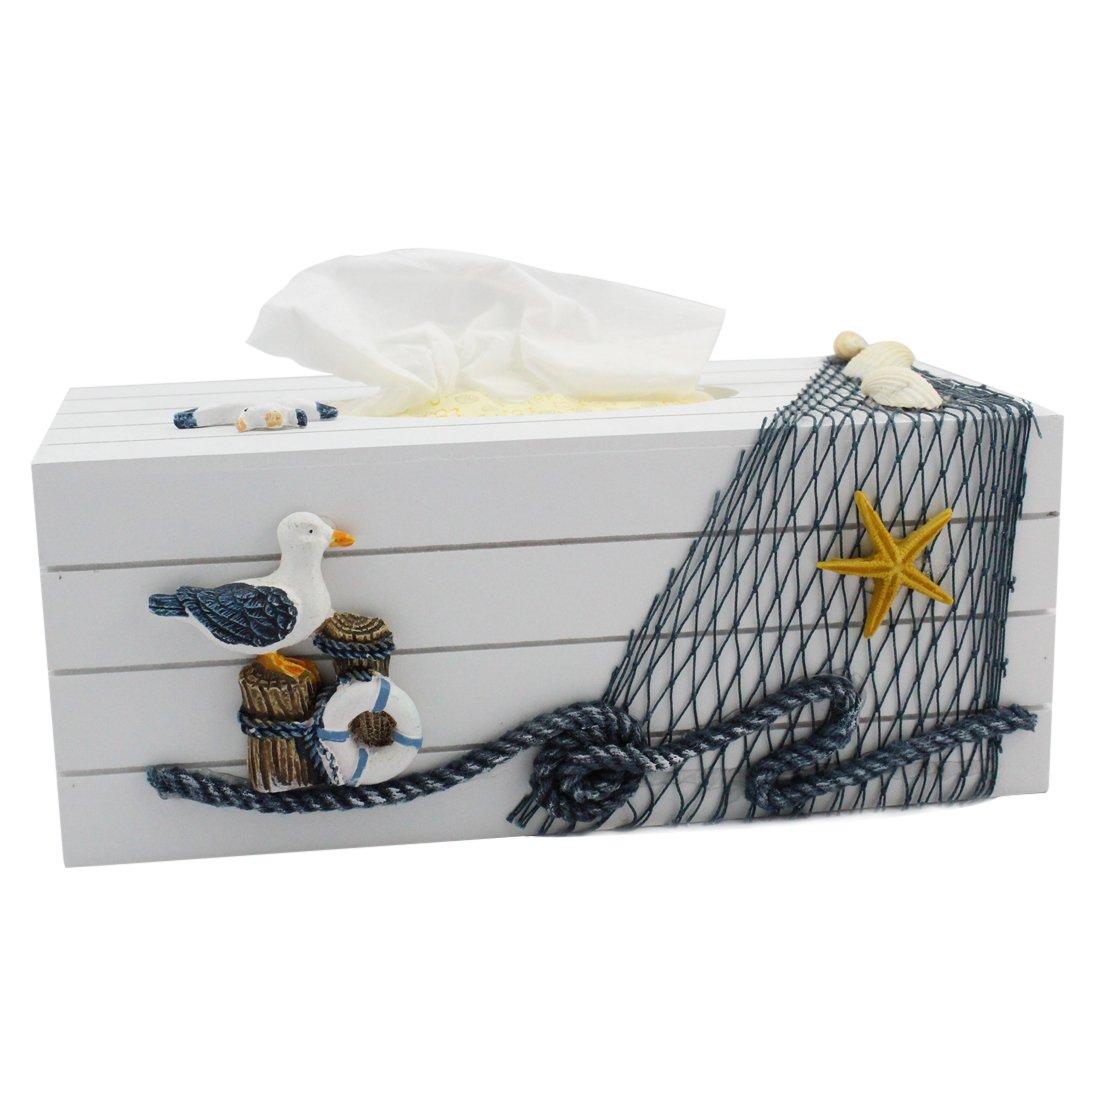 Landove Mediterraneo Scatola Porta Fazzoletti di Carta in Legno Blanco Vintage Shabby Chic Tissue Box Organizer per Casa / Ristorante / Auto / Hotel